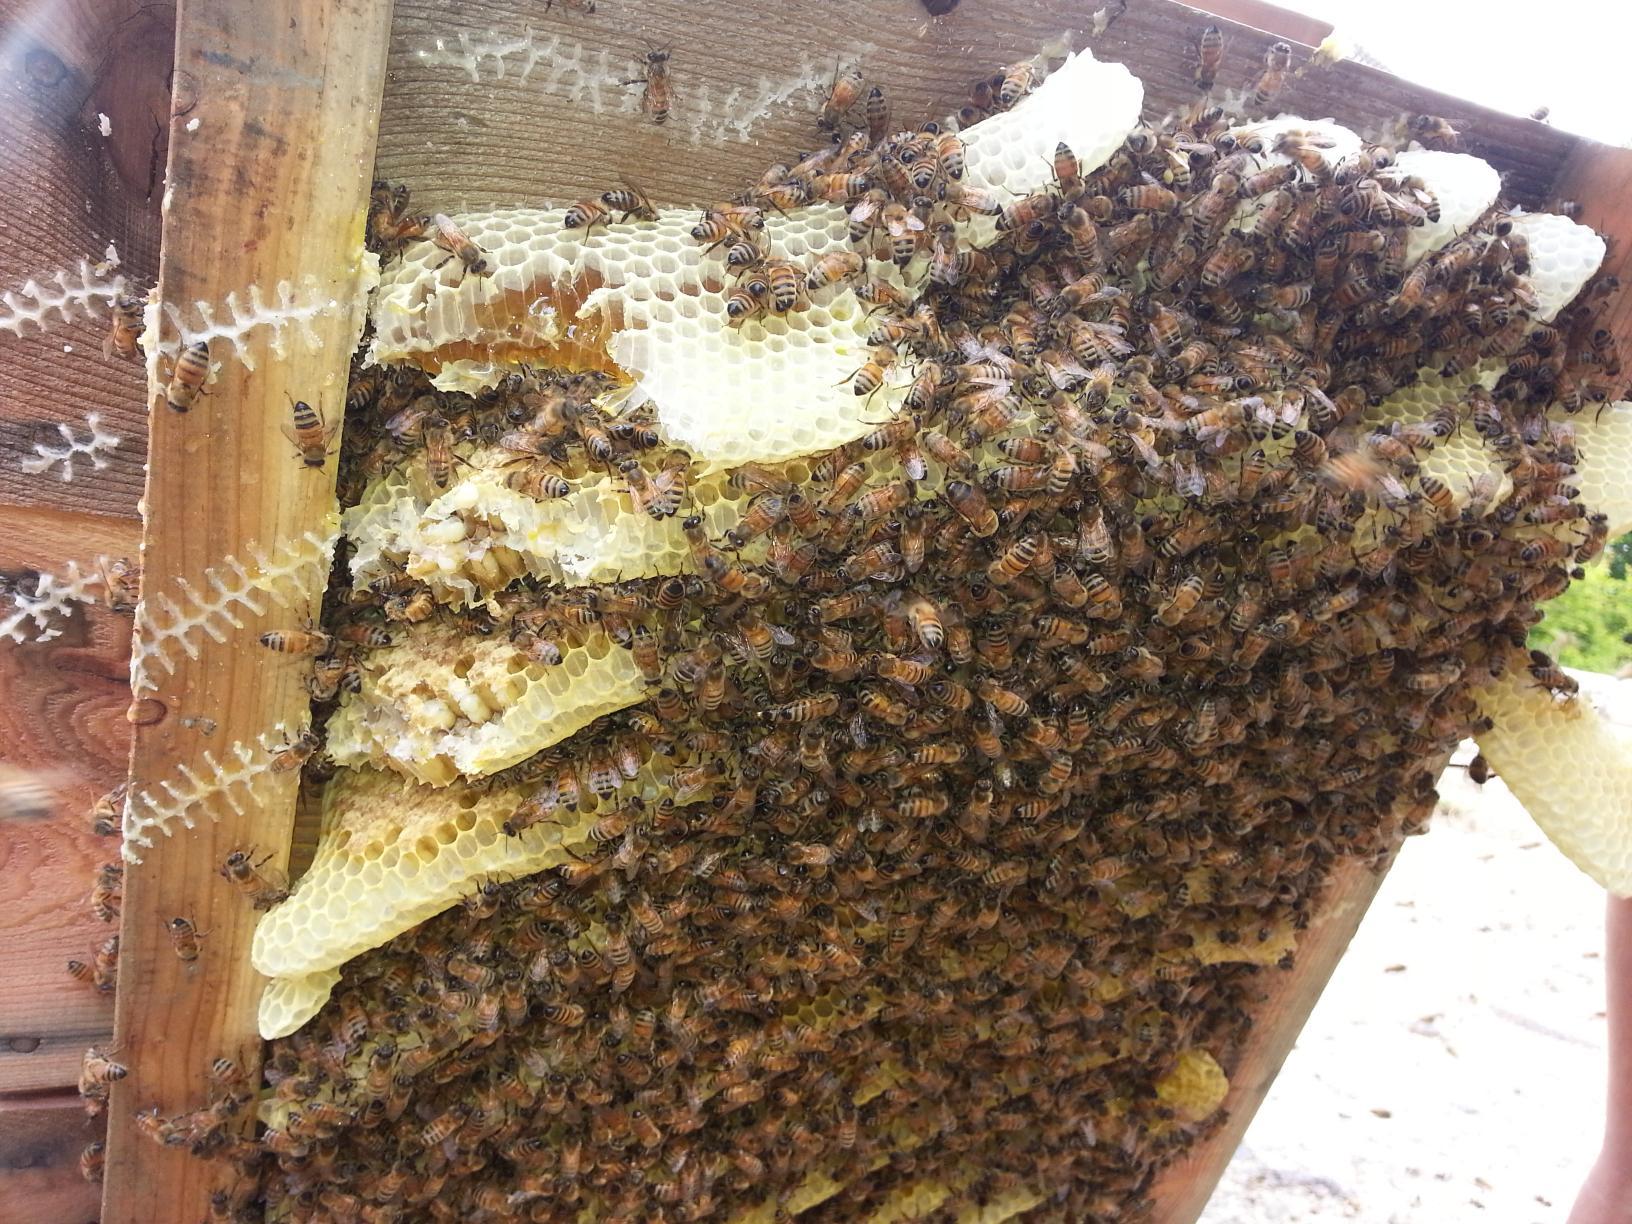 벌통 밑에 꿀벌들이 가득